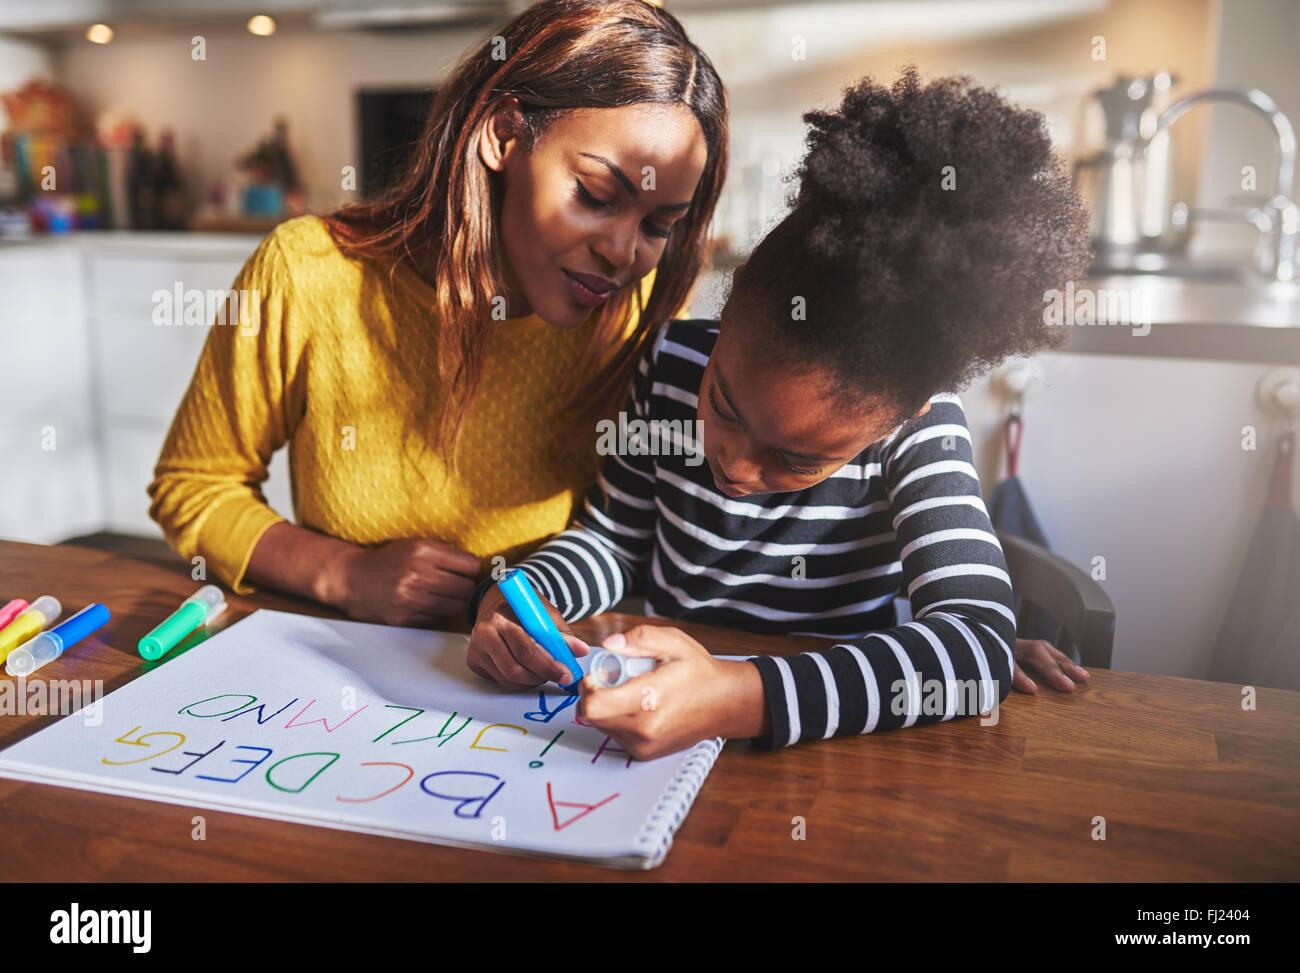 Petite fille l'apprentissage de l'alphabet à l'aide de lettres de couleur Banque D'Images